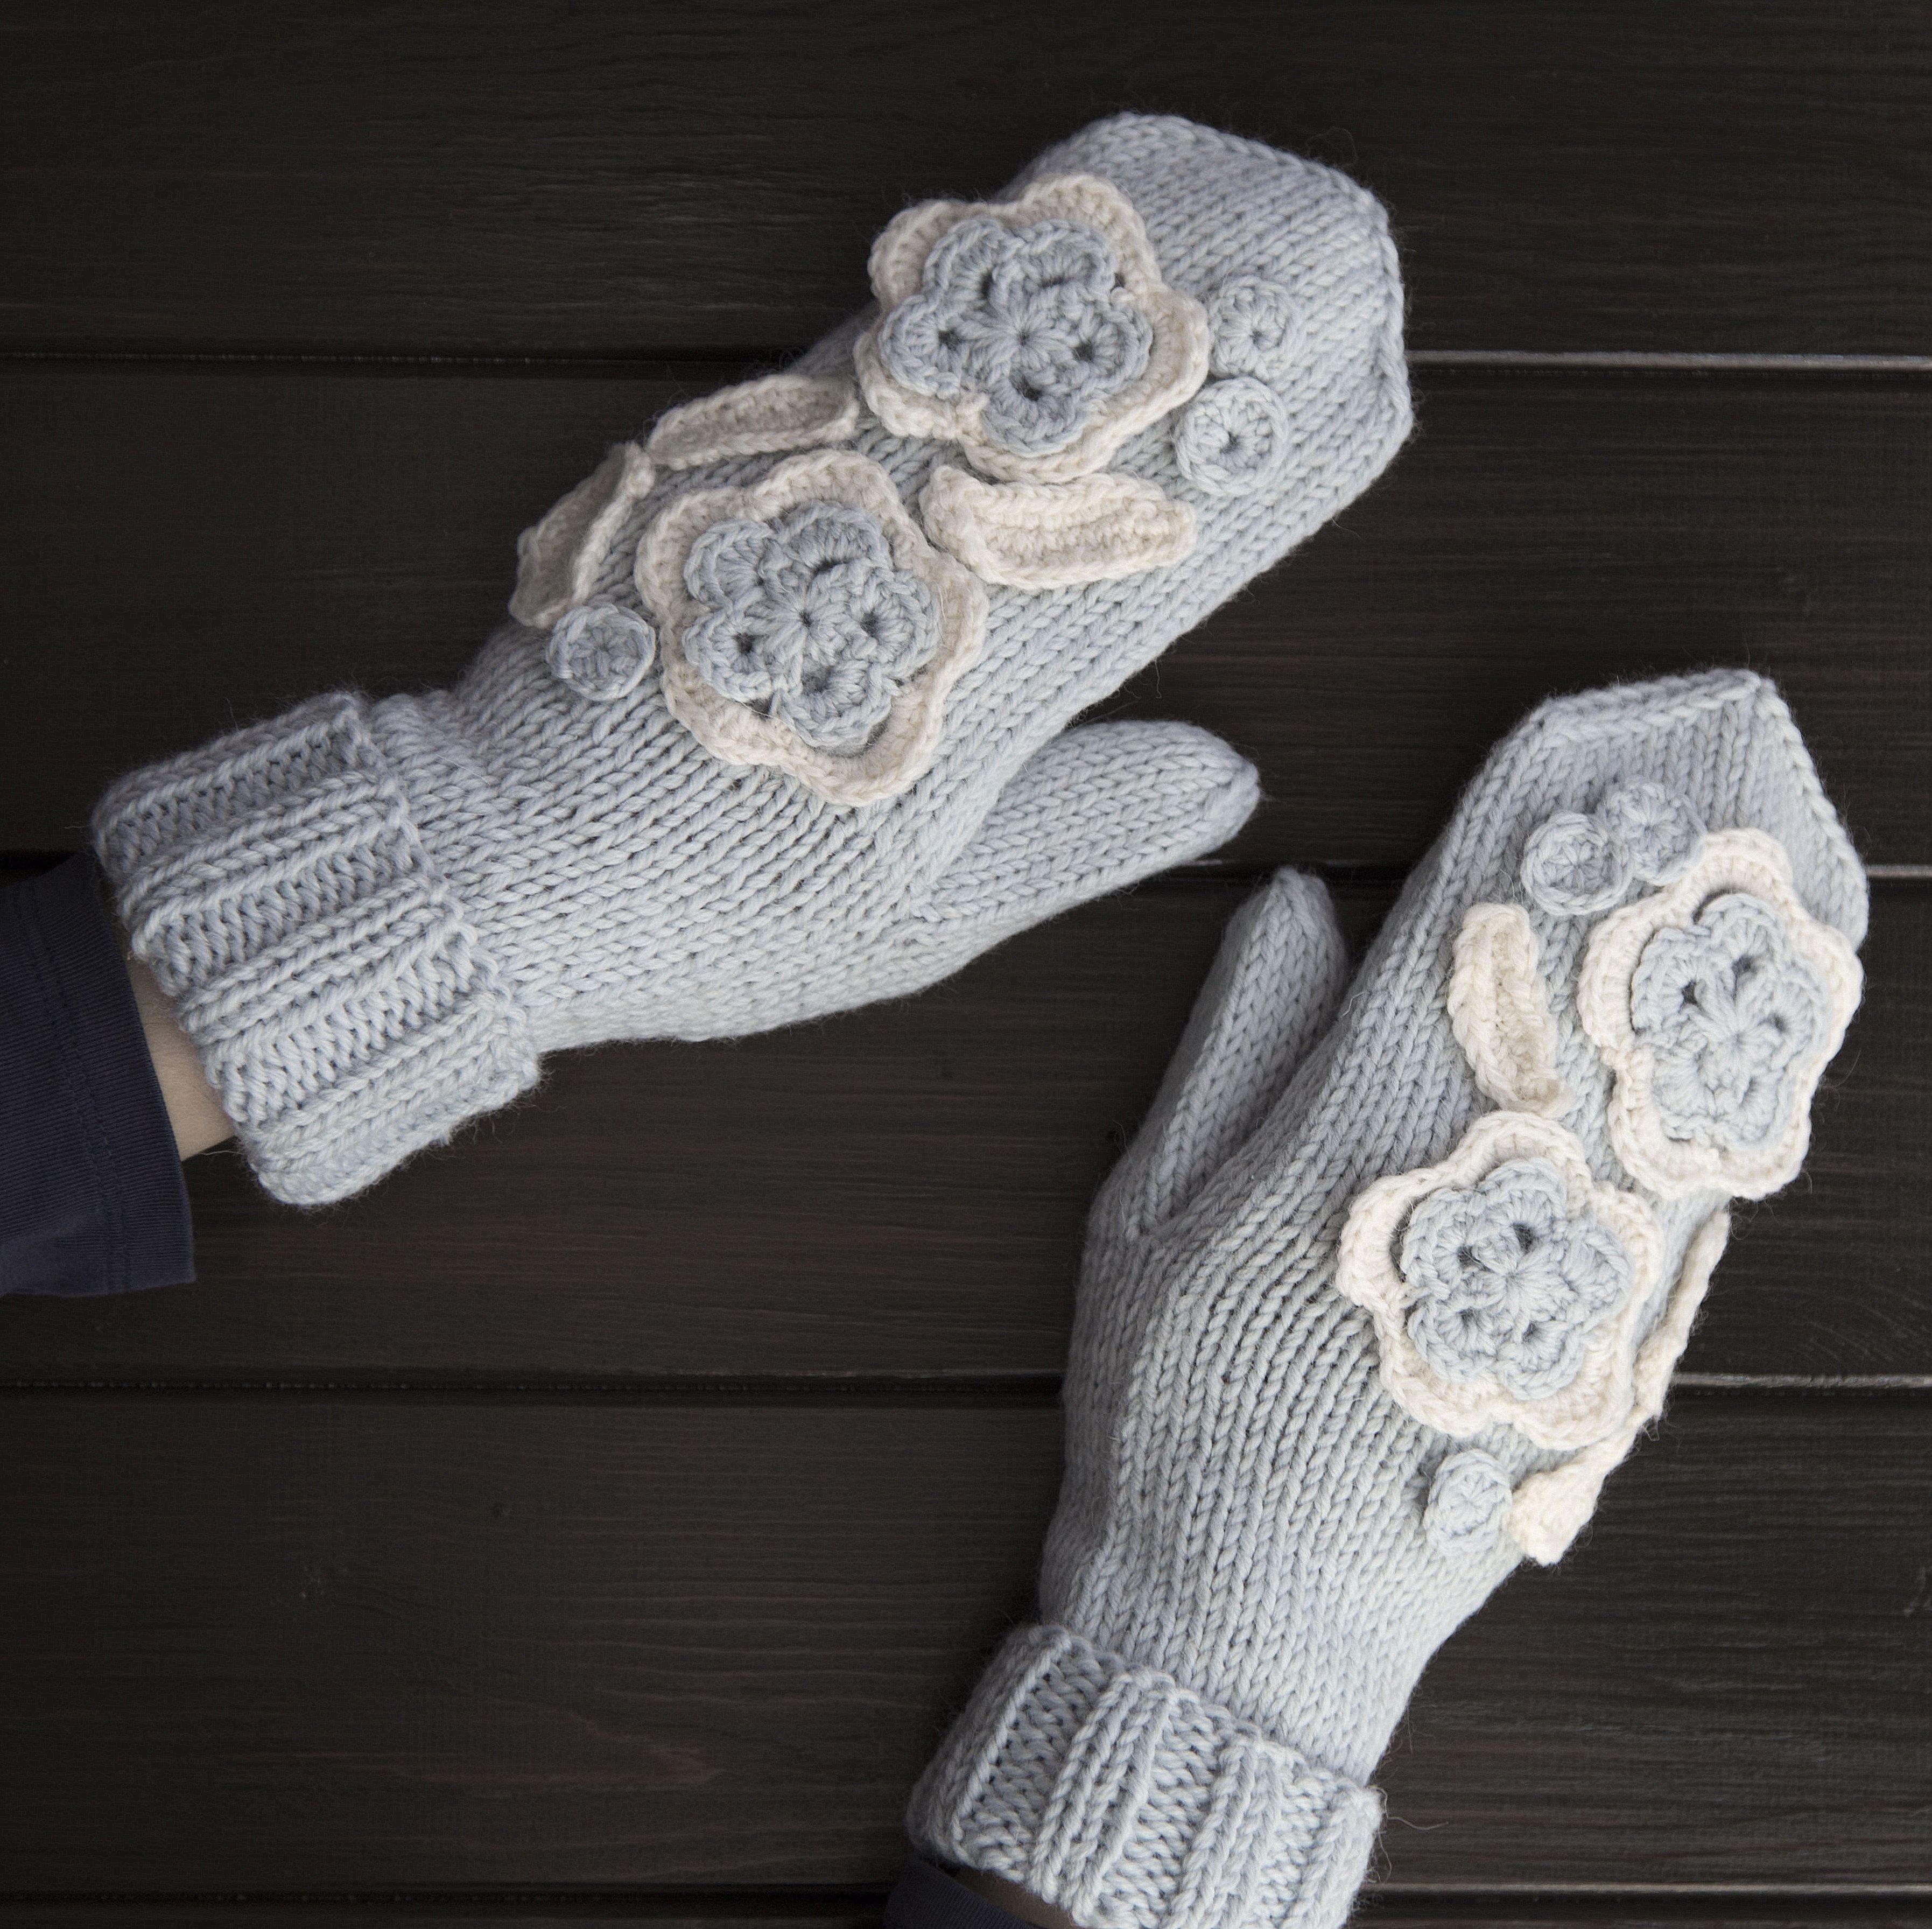 Связаны варежки на заказ по образцу одной оставшейся из пары у заказчика. Ручная работа - варежка связана на спицах, аппликация - крючком. Состав: 100% шерсть. Мы можем исполнить подобные изделия на заказ в любой цветовой гамме. #frautag_knittingfamily #mittens #wool #kniting #handknitting #handmade #варежки #шерстяныеварежки #дляженщин #вязание #вязаниеназаказ #вяжемназаказ #вяжуназказ #crochet #крючок #шерсть #семеновская #tundra #вязание_на_заказ #ручнаяработа